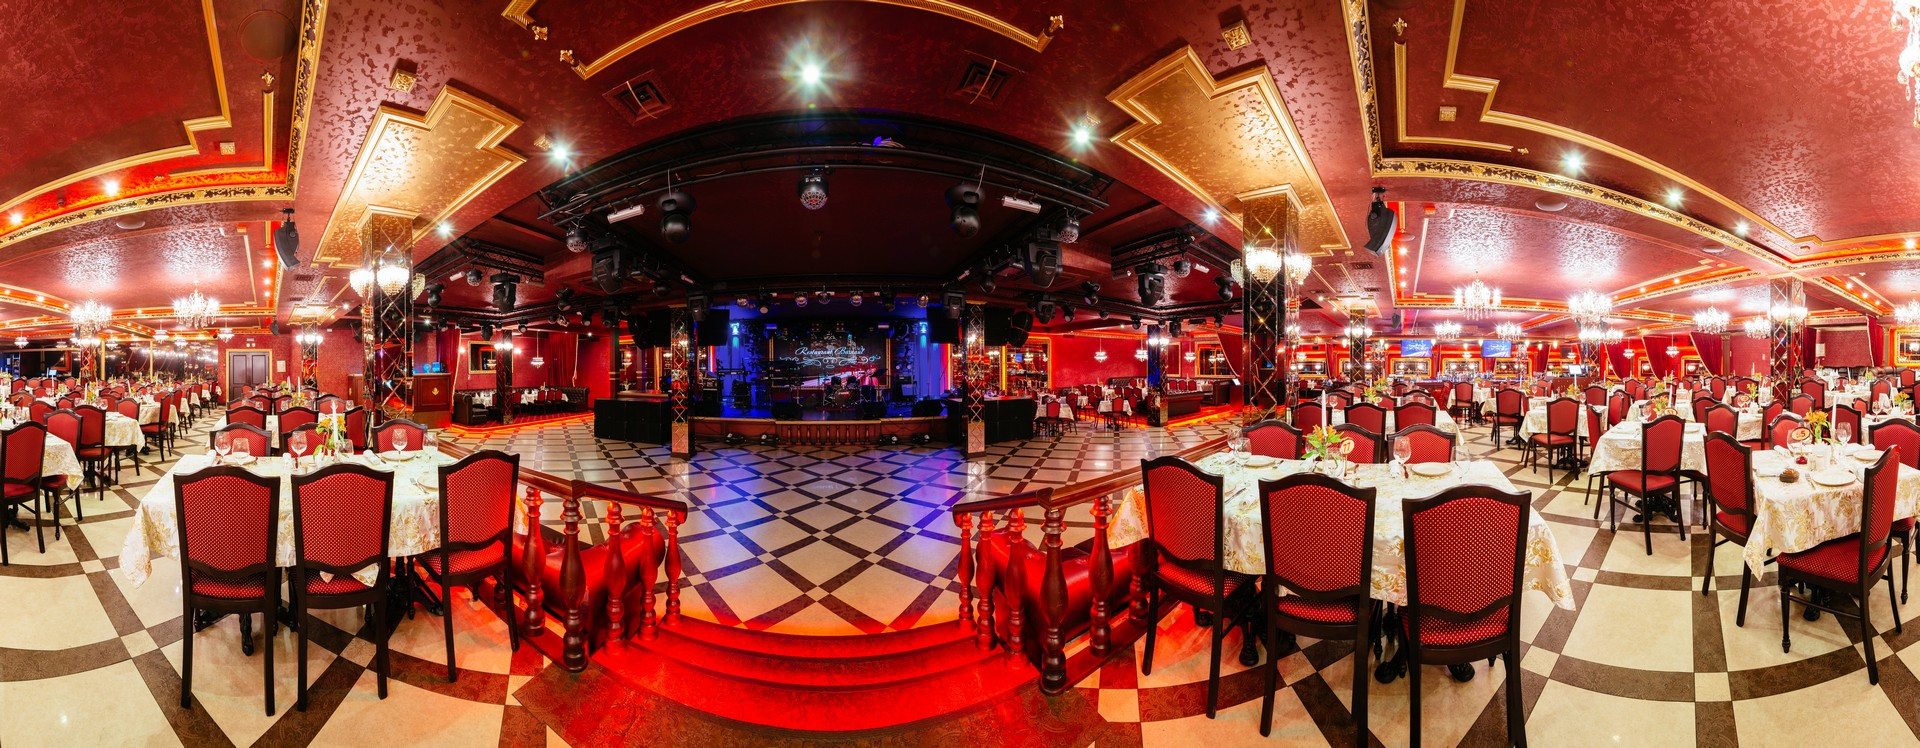 официальный сайт ресторан барнаул фото